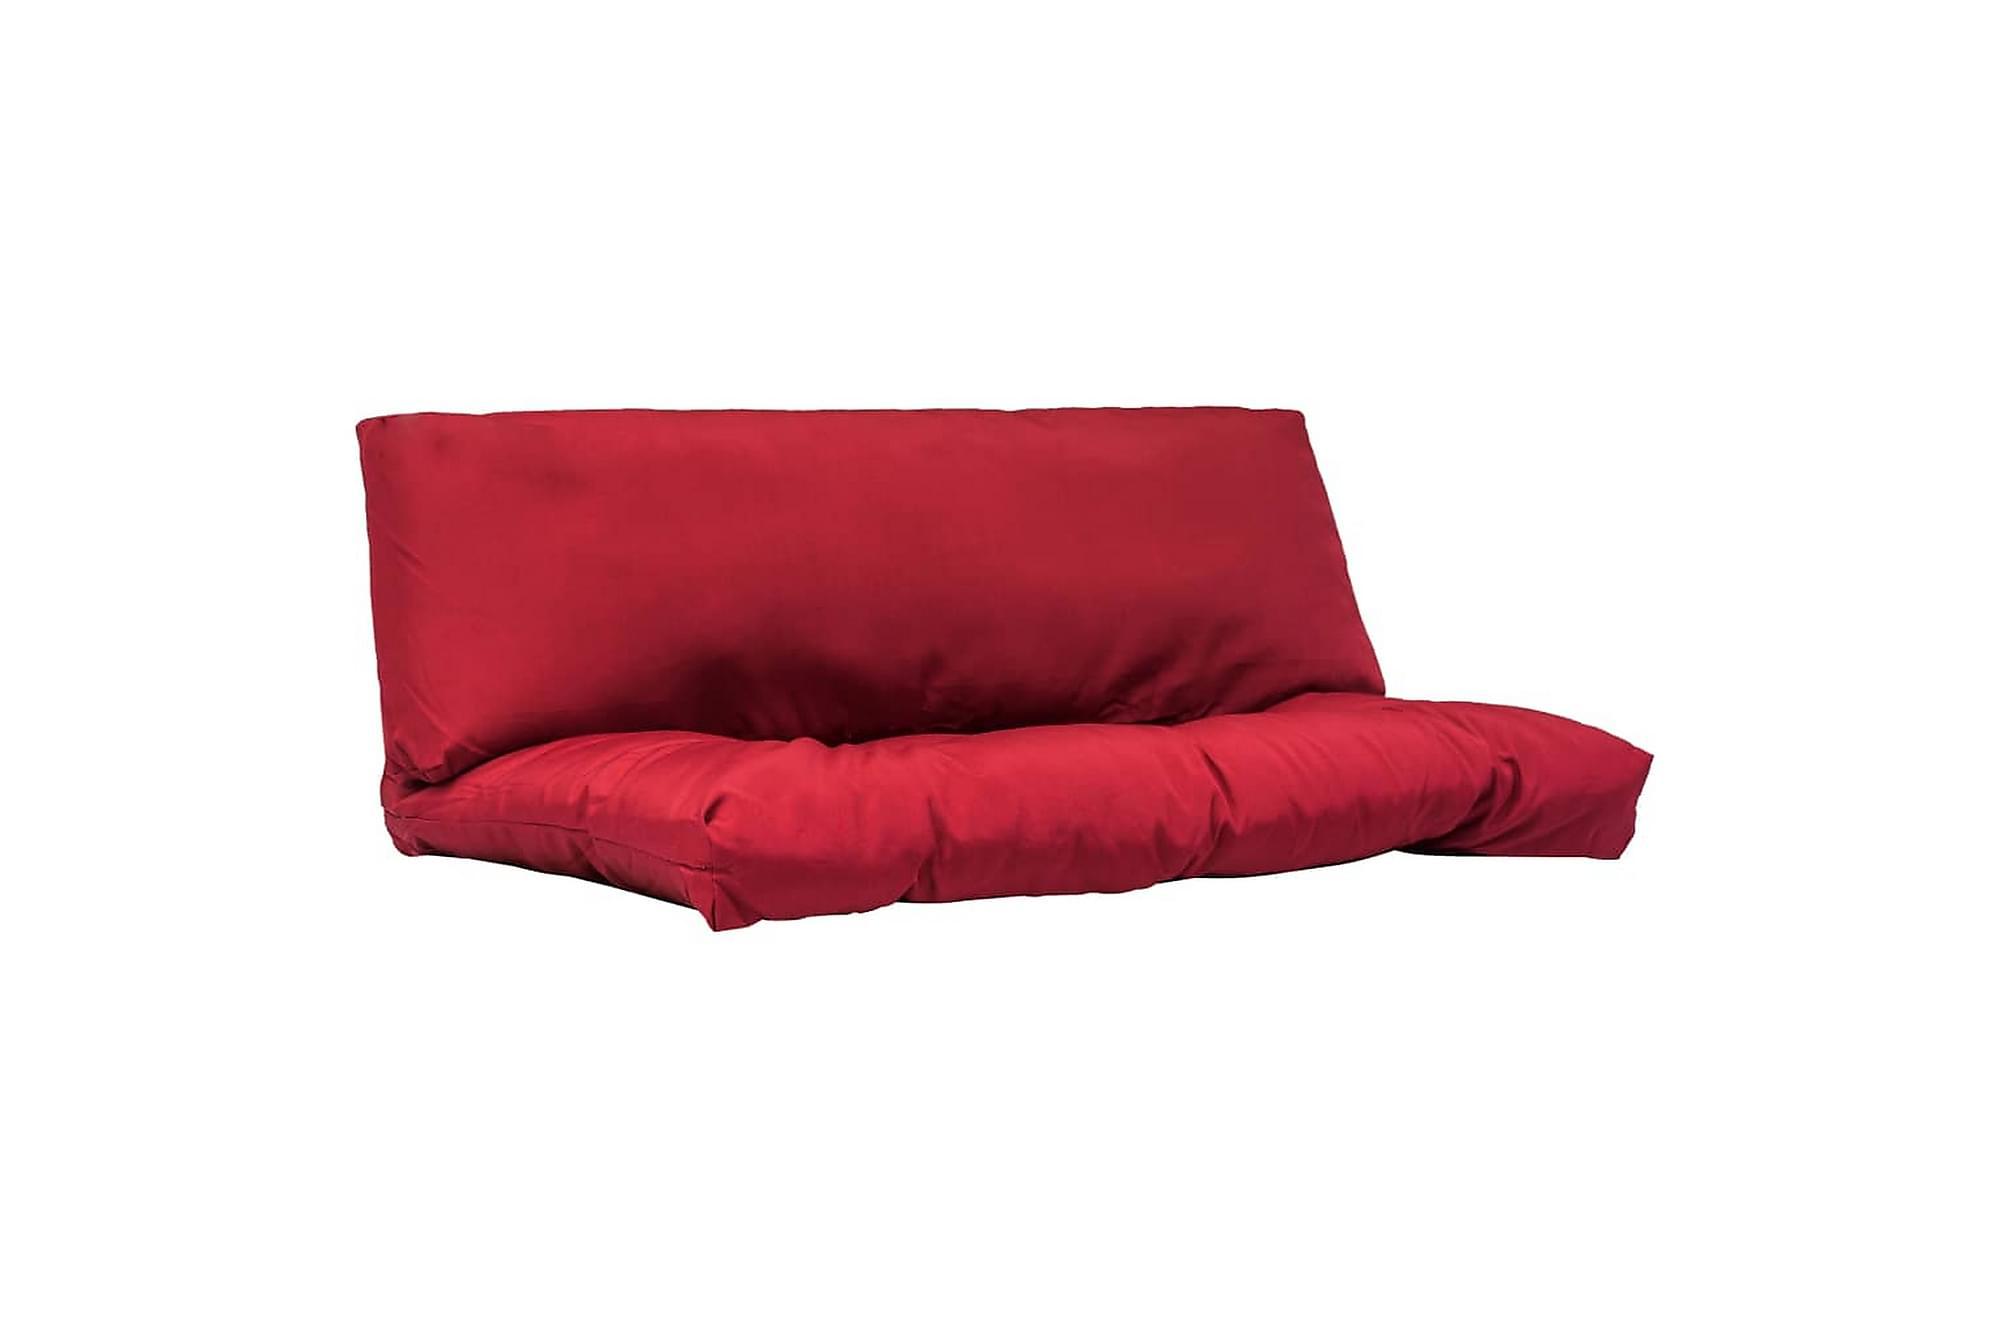 Dynor till pallsoffa 2 st röd polyester